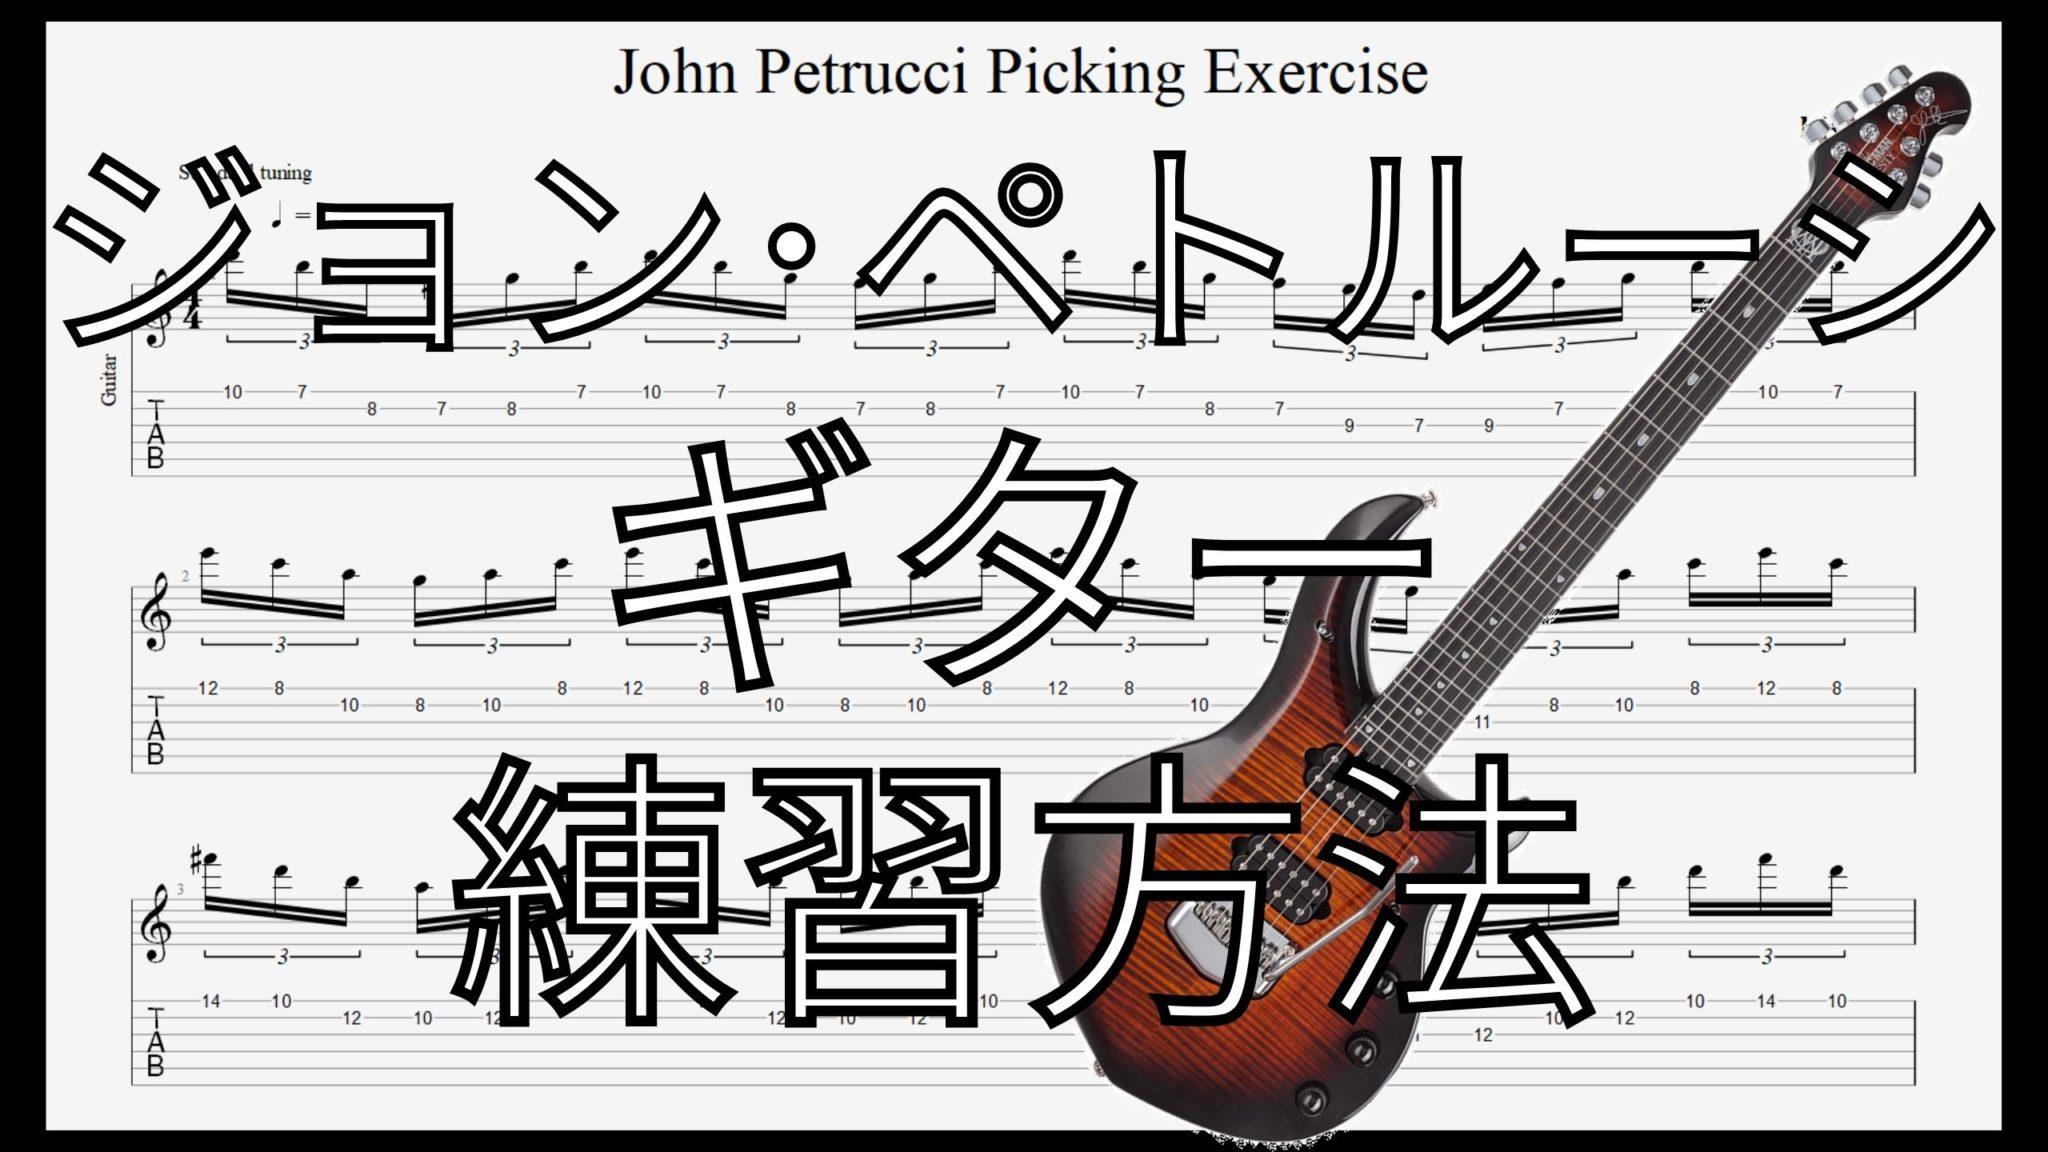 【TAB】John Petrucci Legato Exercise Guitar ジョン・ペトルーシ レガート・フィンガリングトレーニング 左手強化 【Practice】【TAB】ジョン・ペトルーシのギターのオススメ練習方法。速弾き・フルピッキング、スウィープ、タッピング、レガートなどバランスよく練習できます!